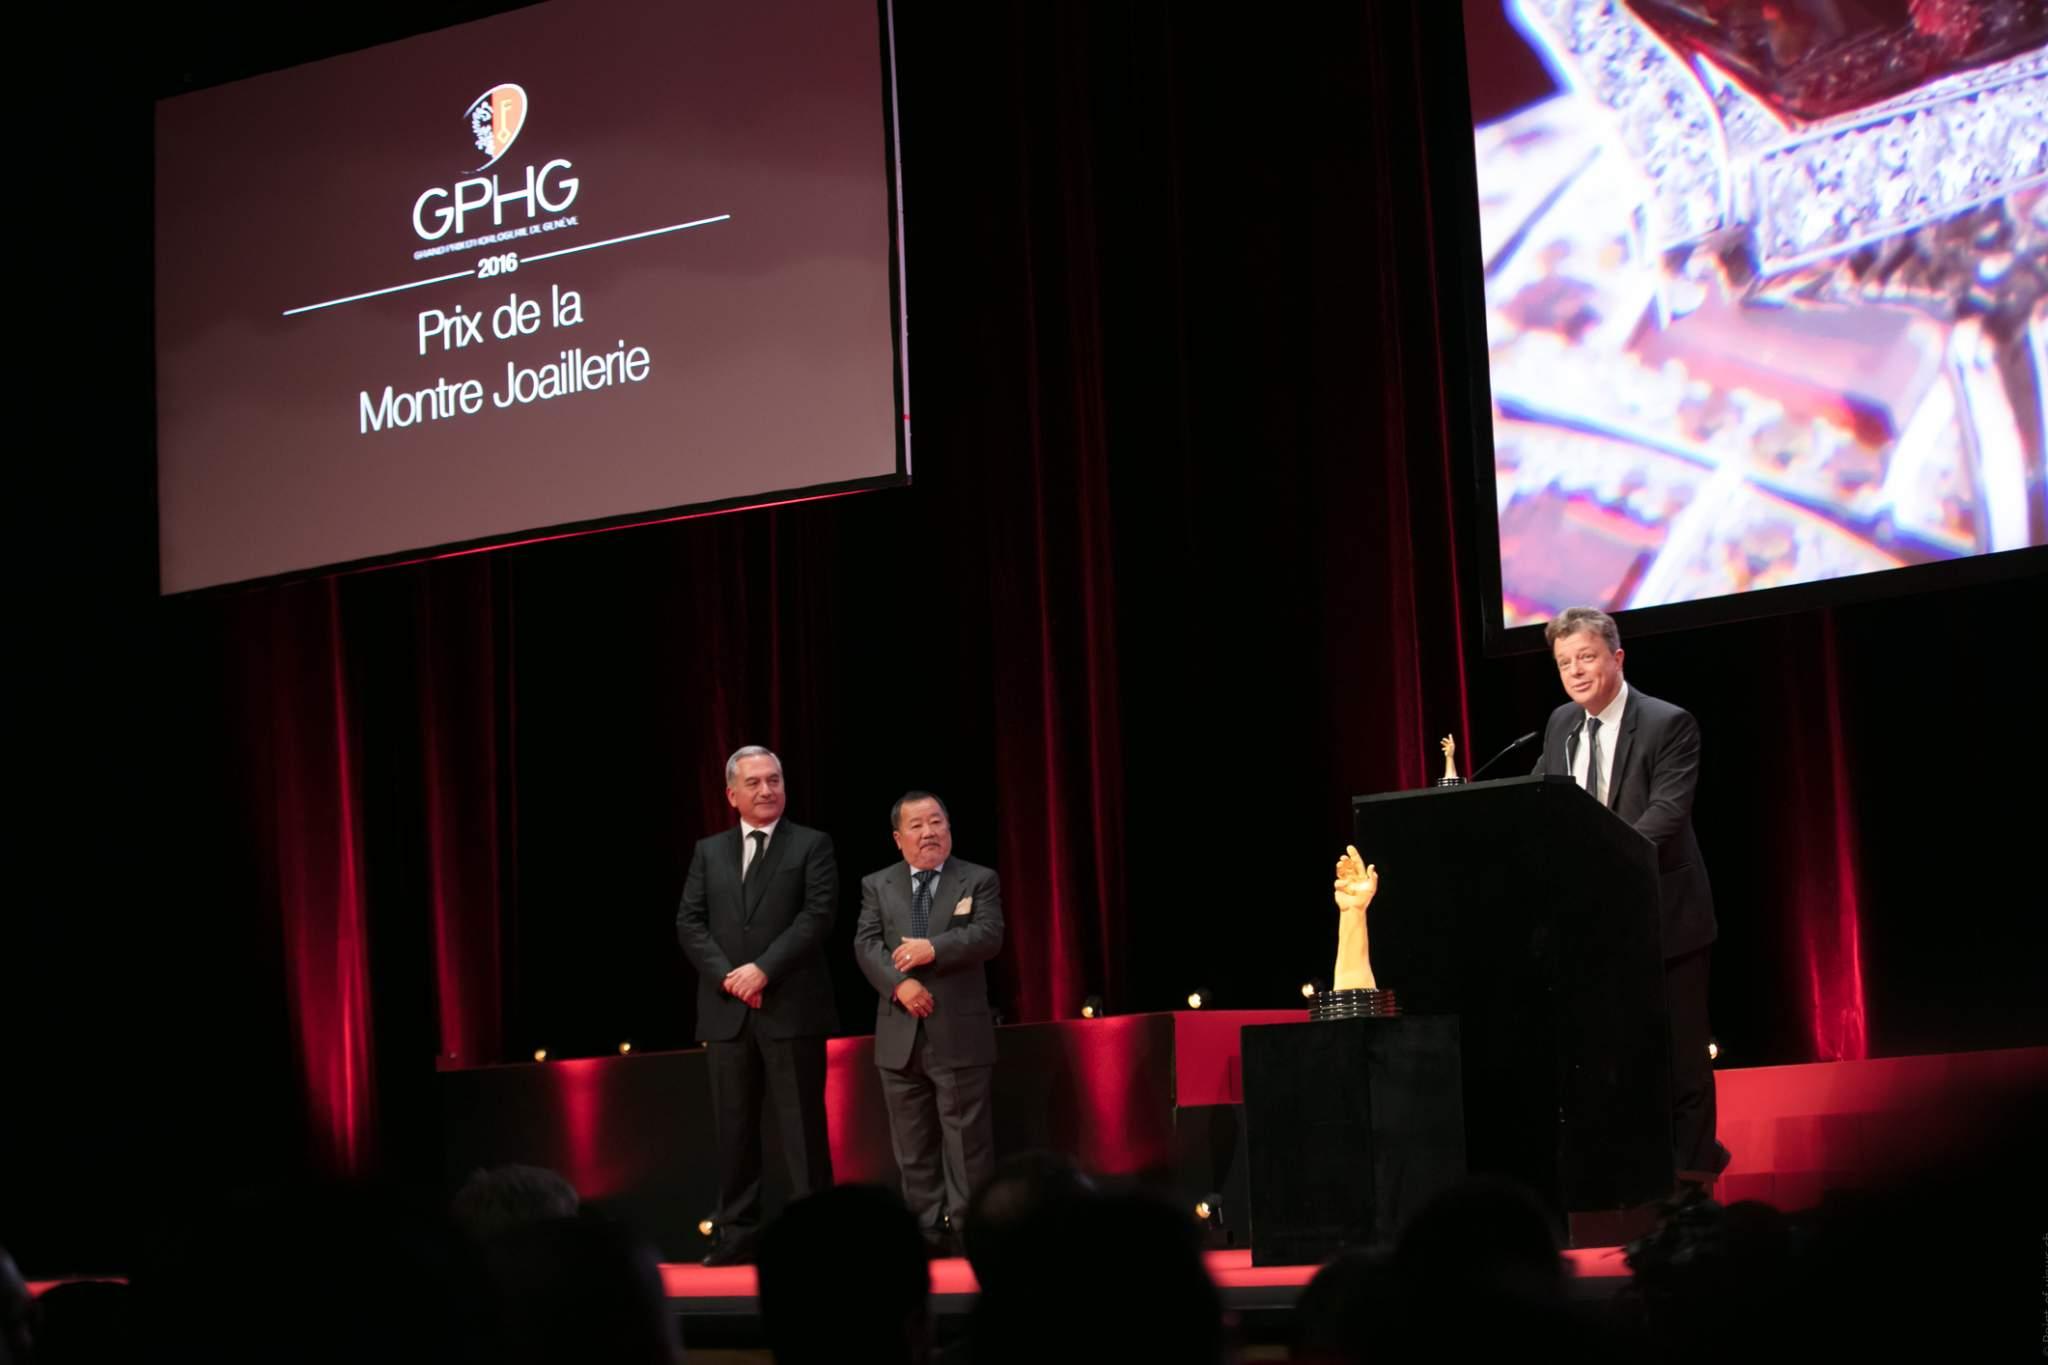 Claude Sfeir, Takeshi Matsuyama (membres du jury) et Nicolas Beau (Directeur International Horlogerie de Chanel, lauréat du Prix de la Montre Joaillerie 2016)